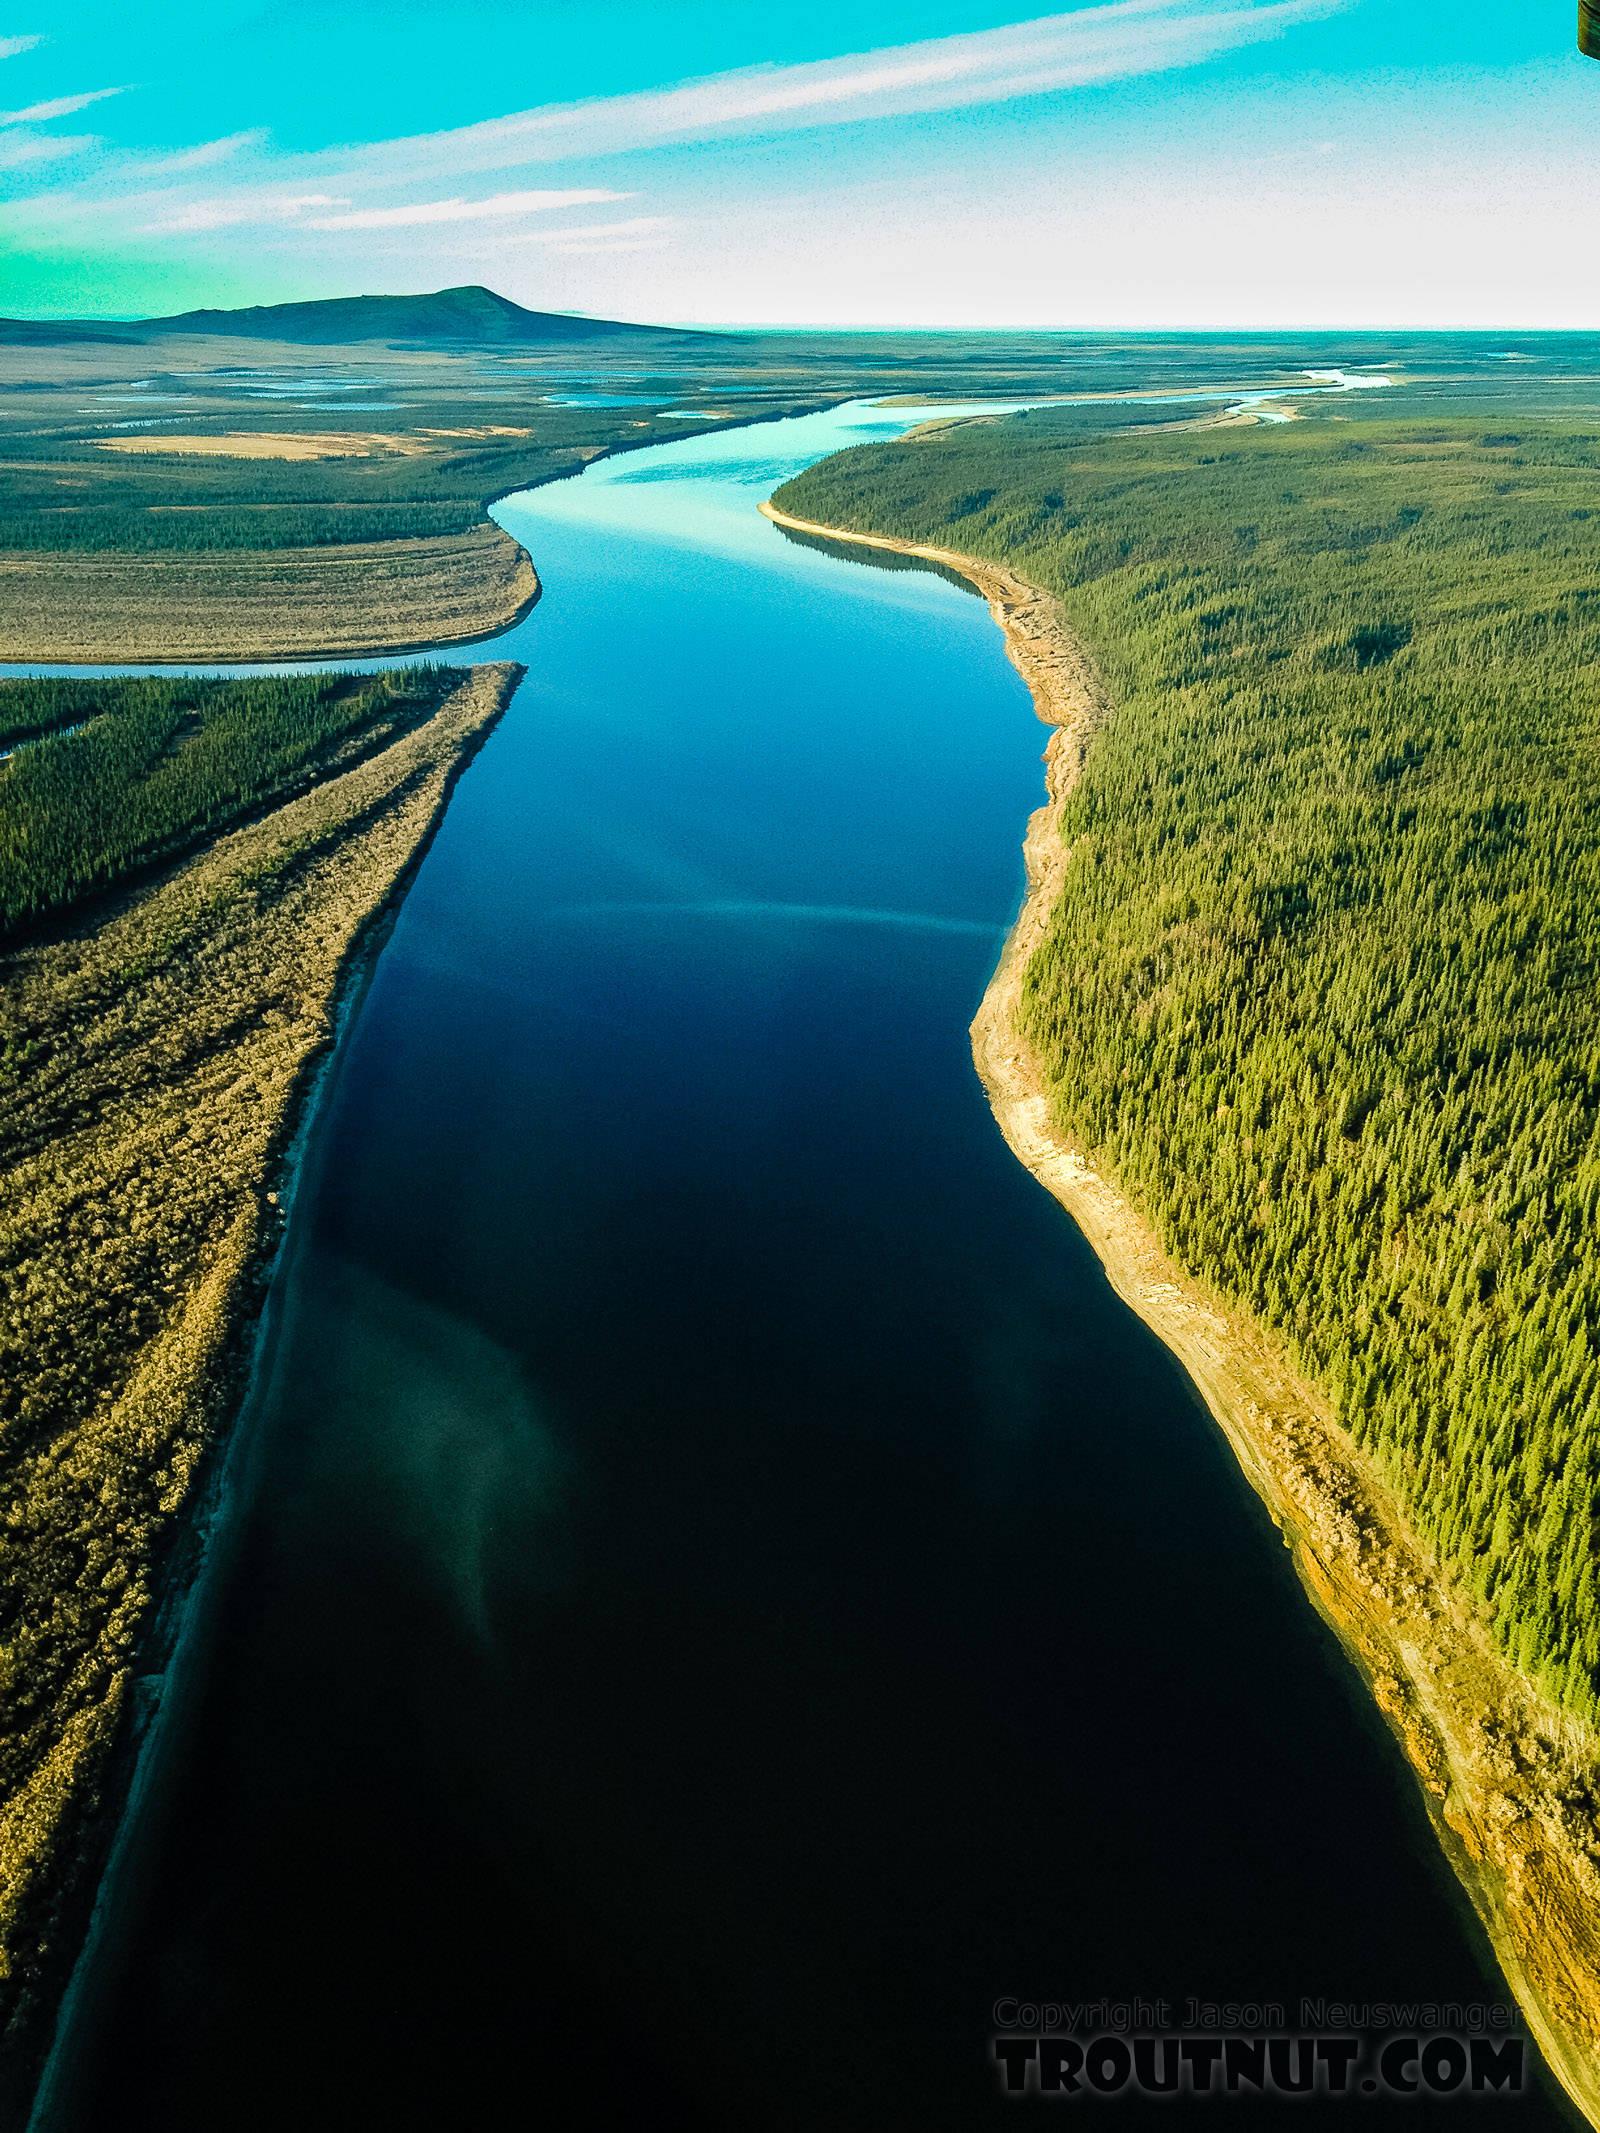 Kobuk River near Kiana From the Kobuk River in Alaska.